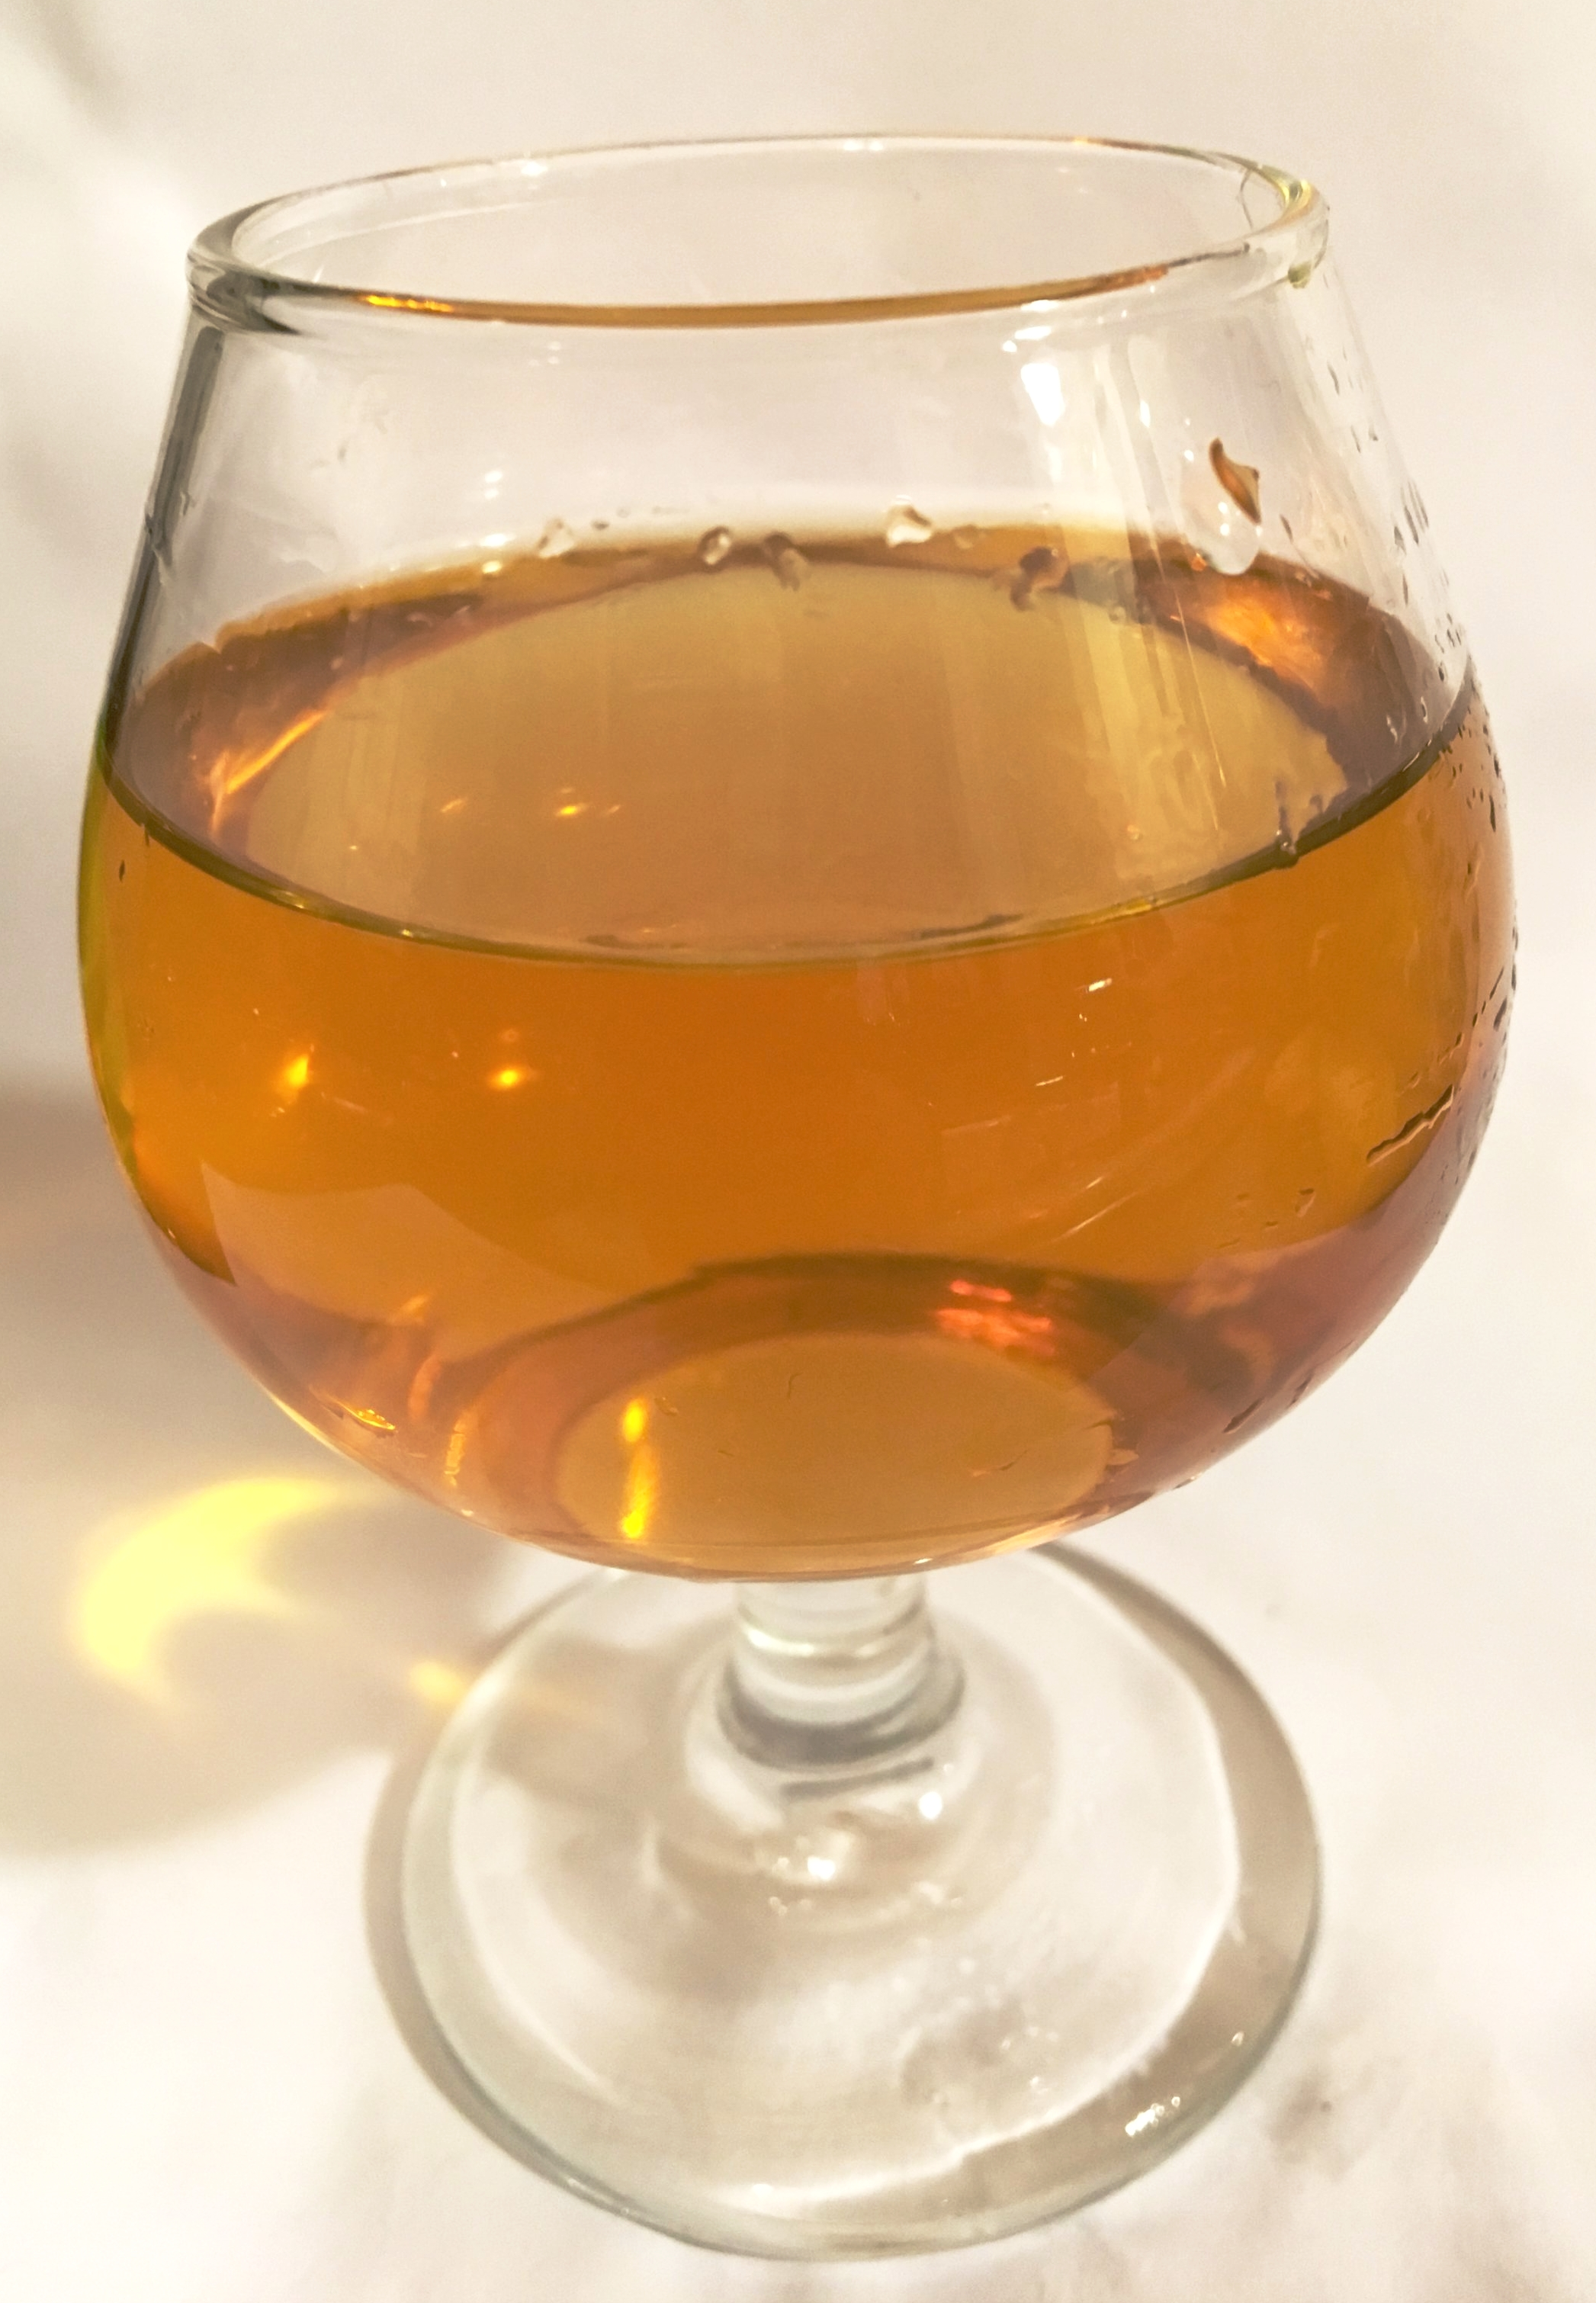 Egremont Russet Cider